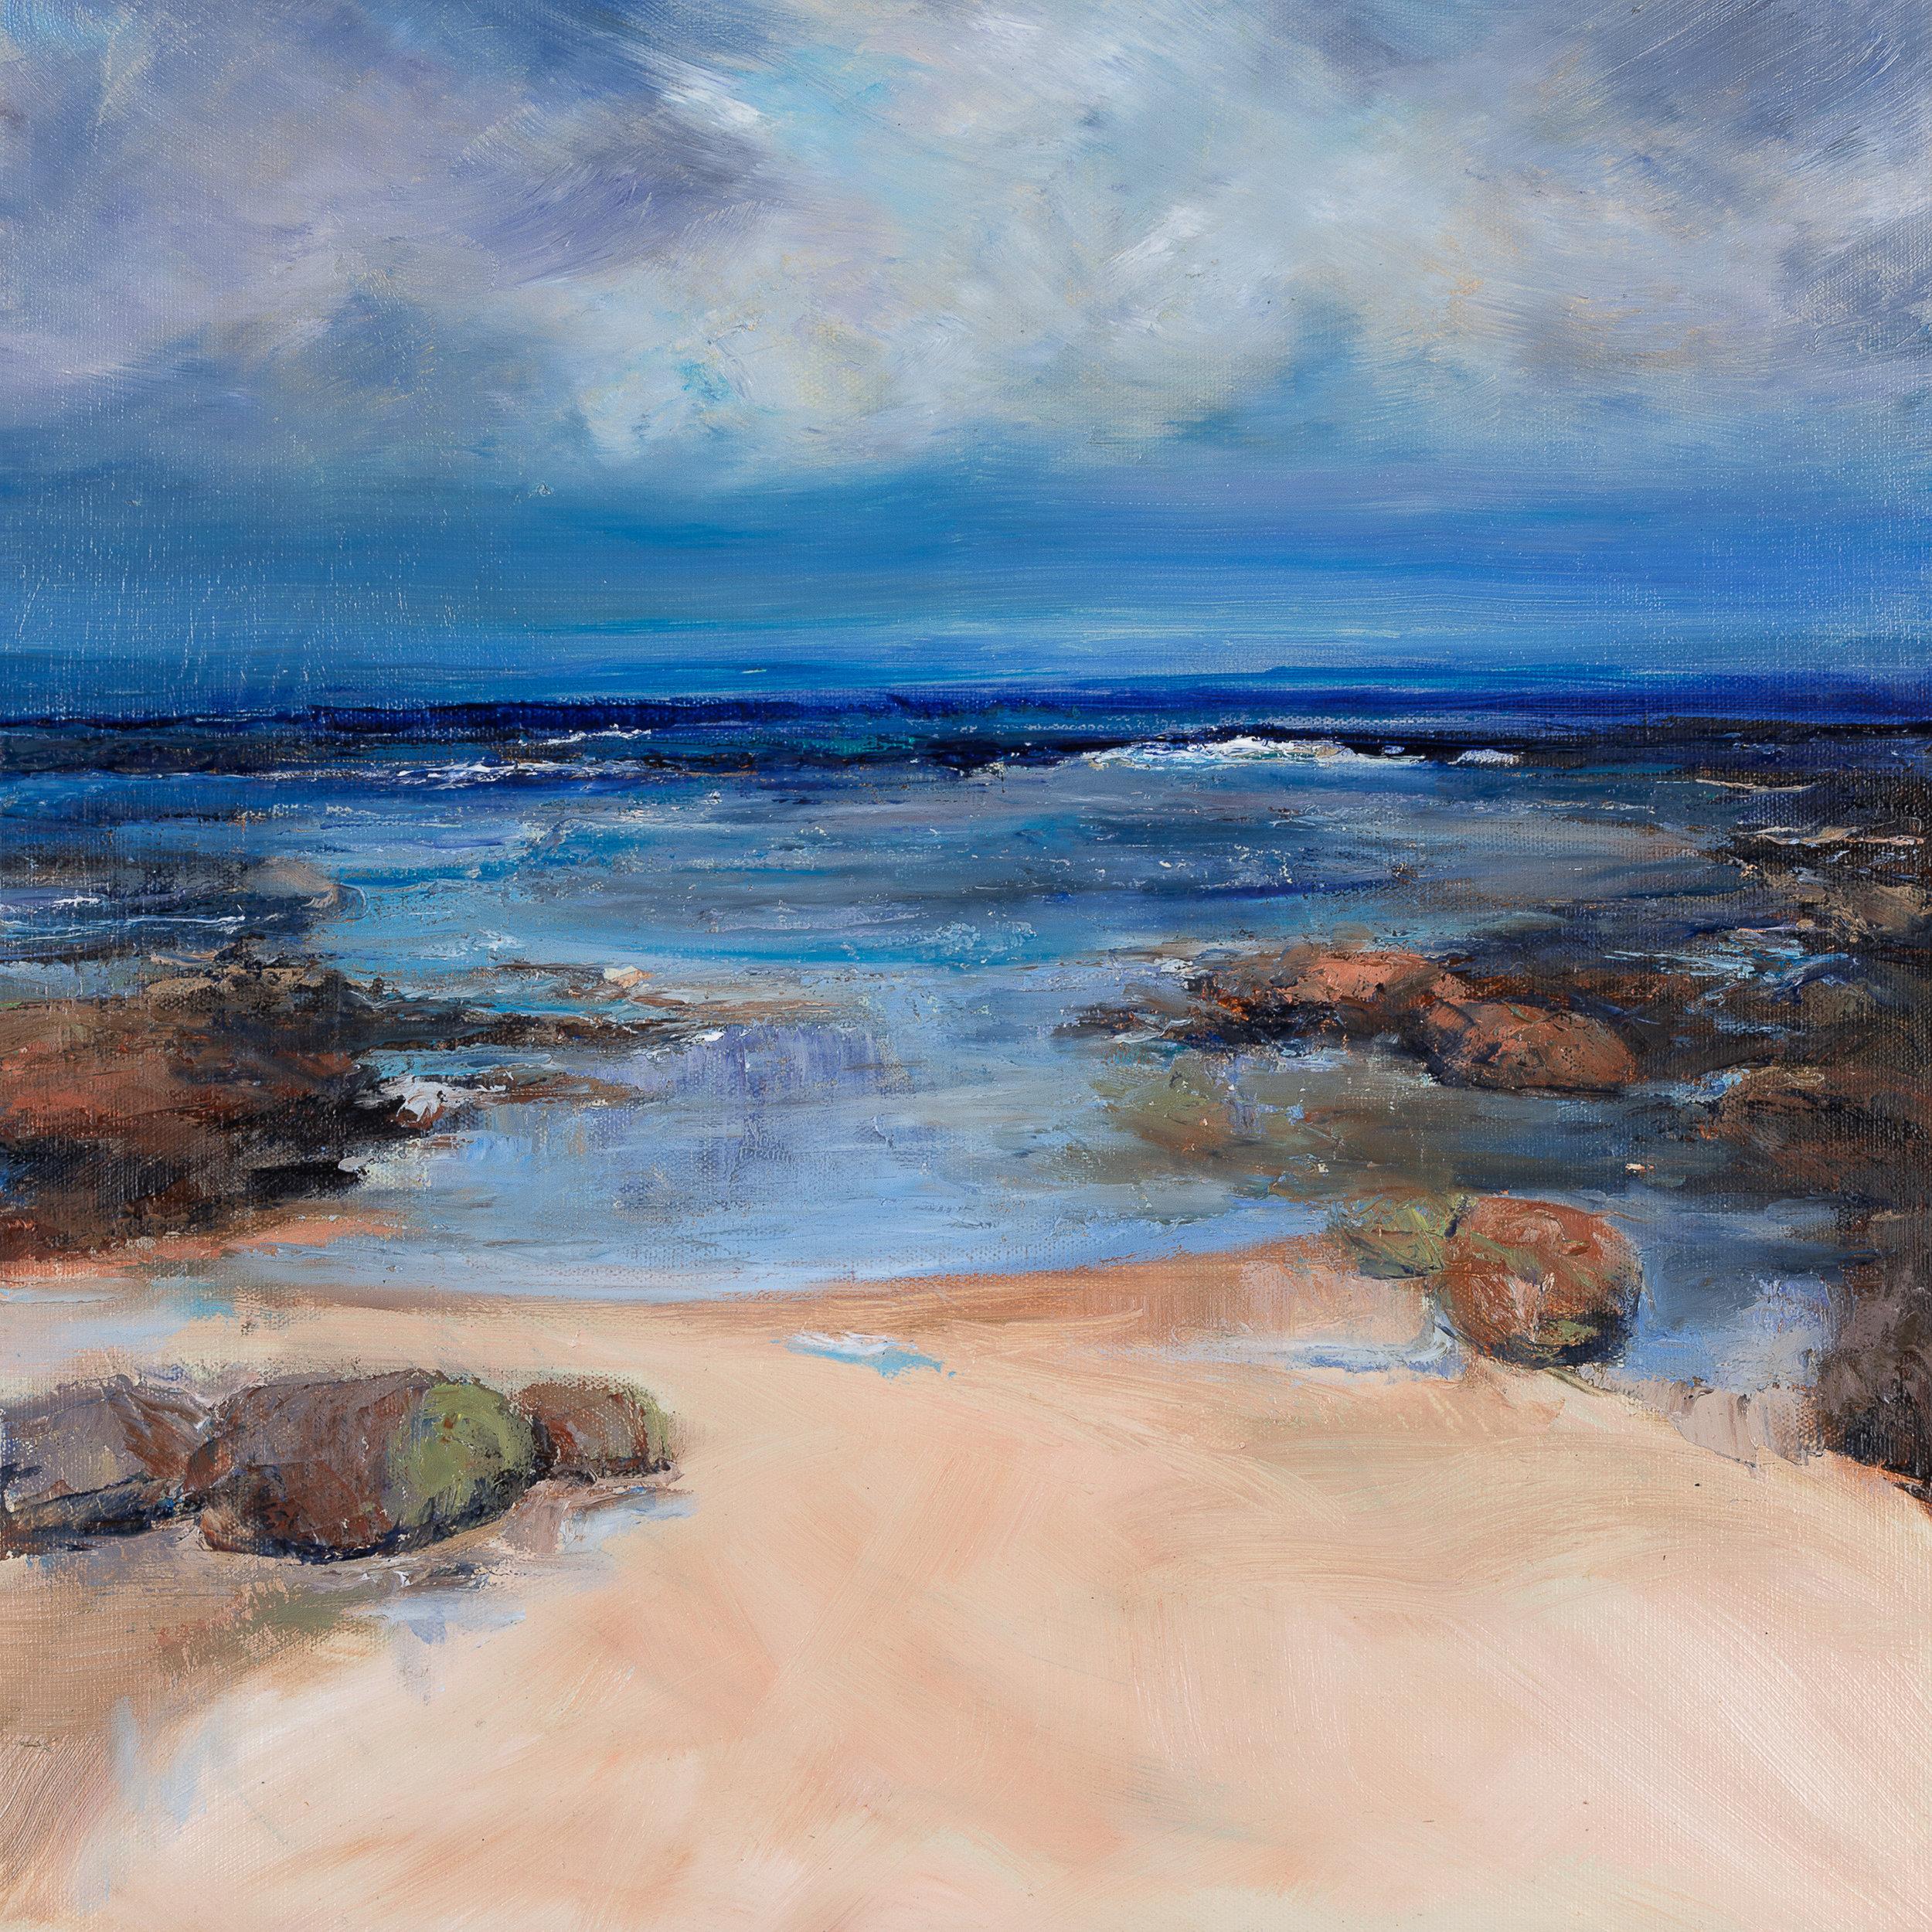 Heidi Mullender_Rock Pools_oil on canvas_16 x 16in.jpg